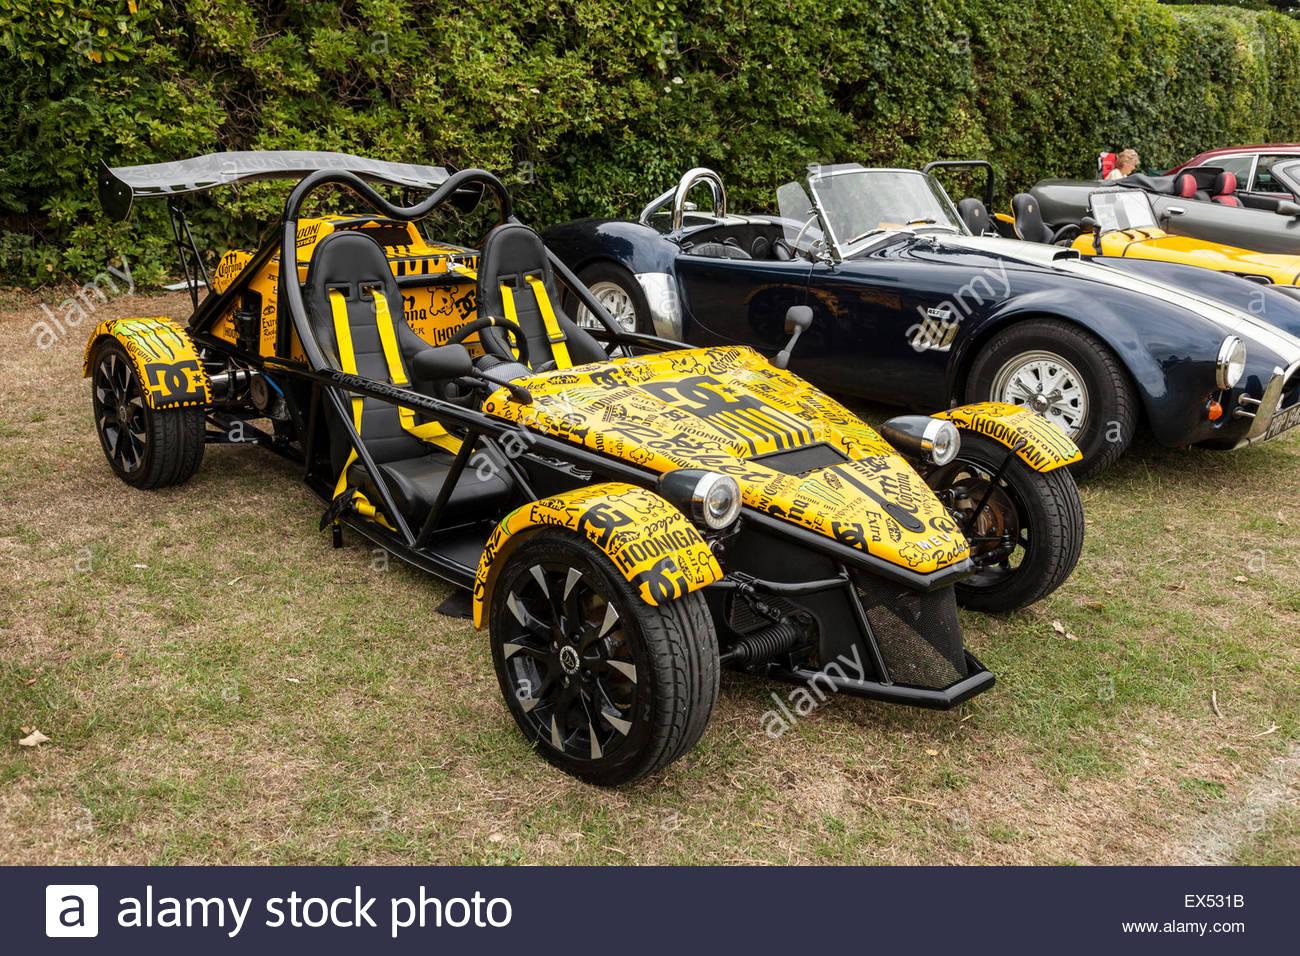 Buy And Go Cars Ltd